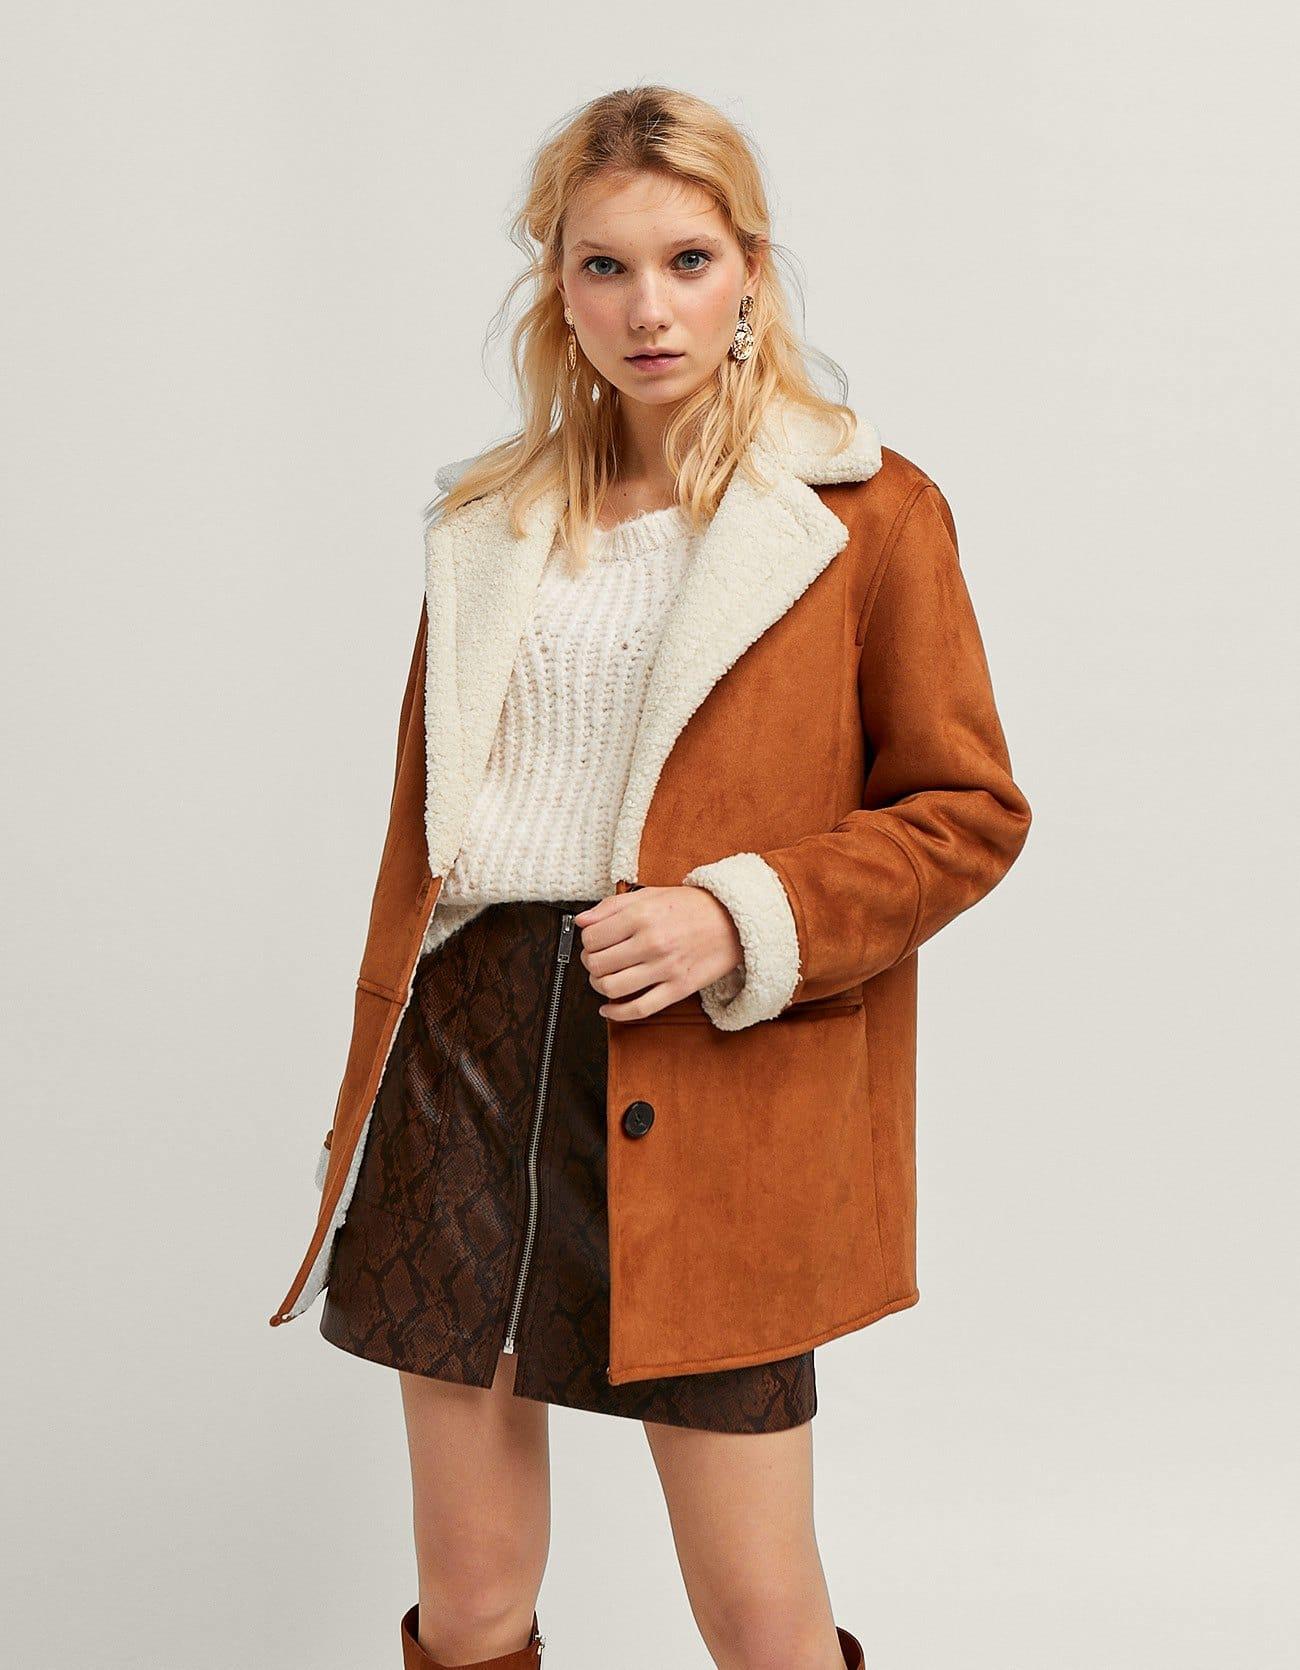 imágenes detalladas 60% de descuento lo mas baratas Tres opciones del abrigo que todas quieren y en rebajas en ...